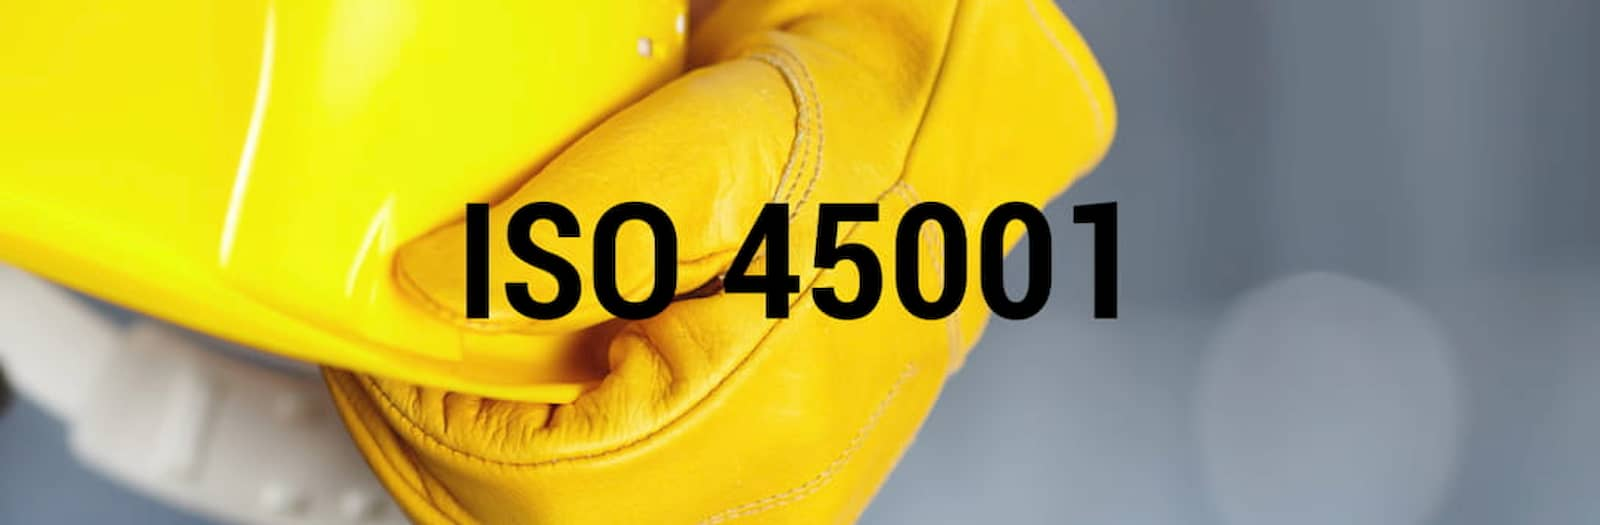 BENVENUTA ISO 45001